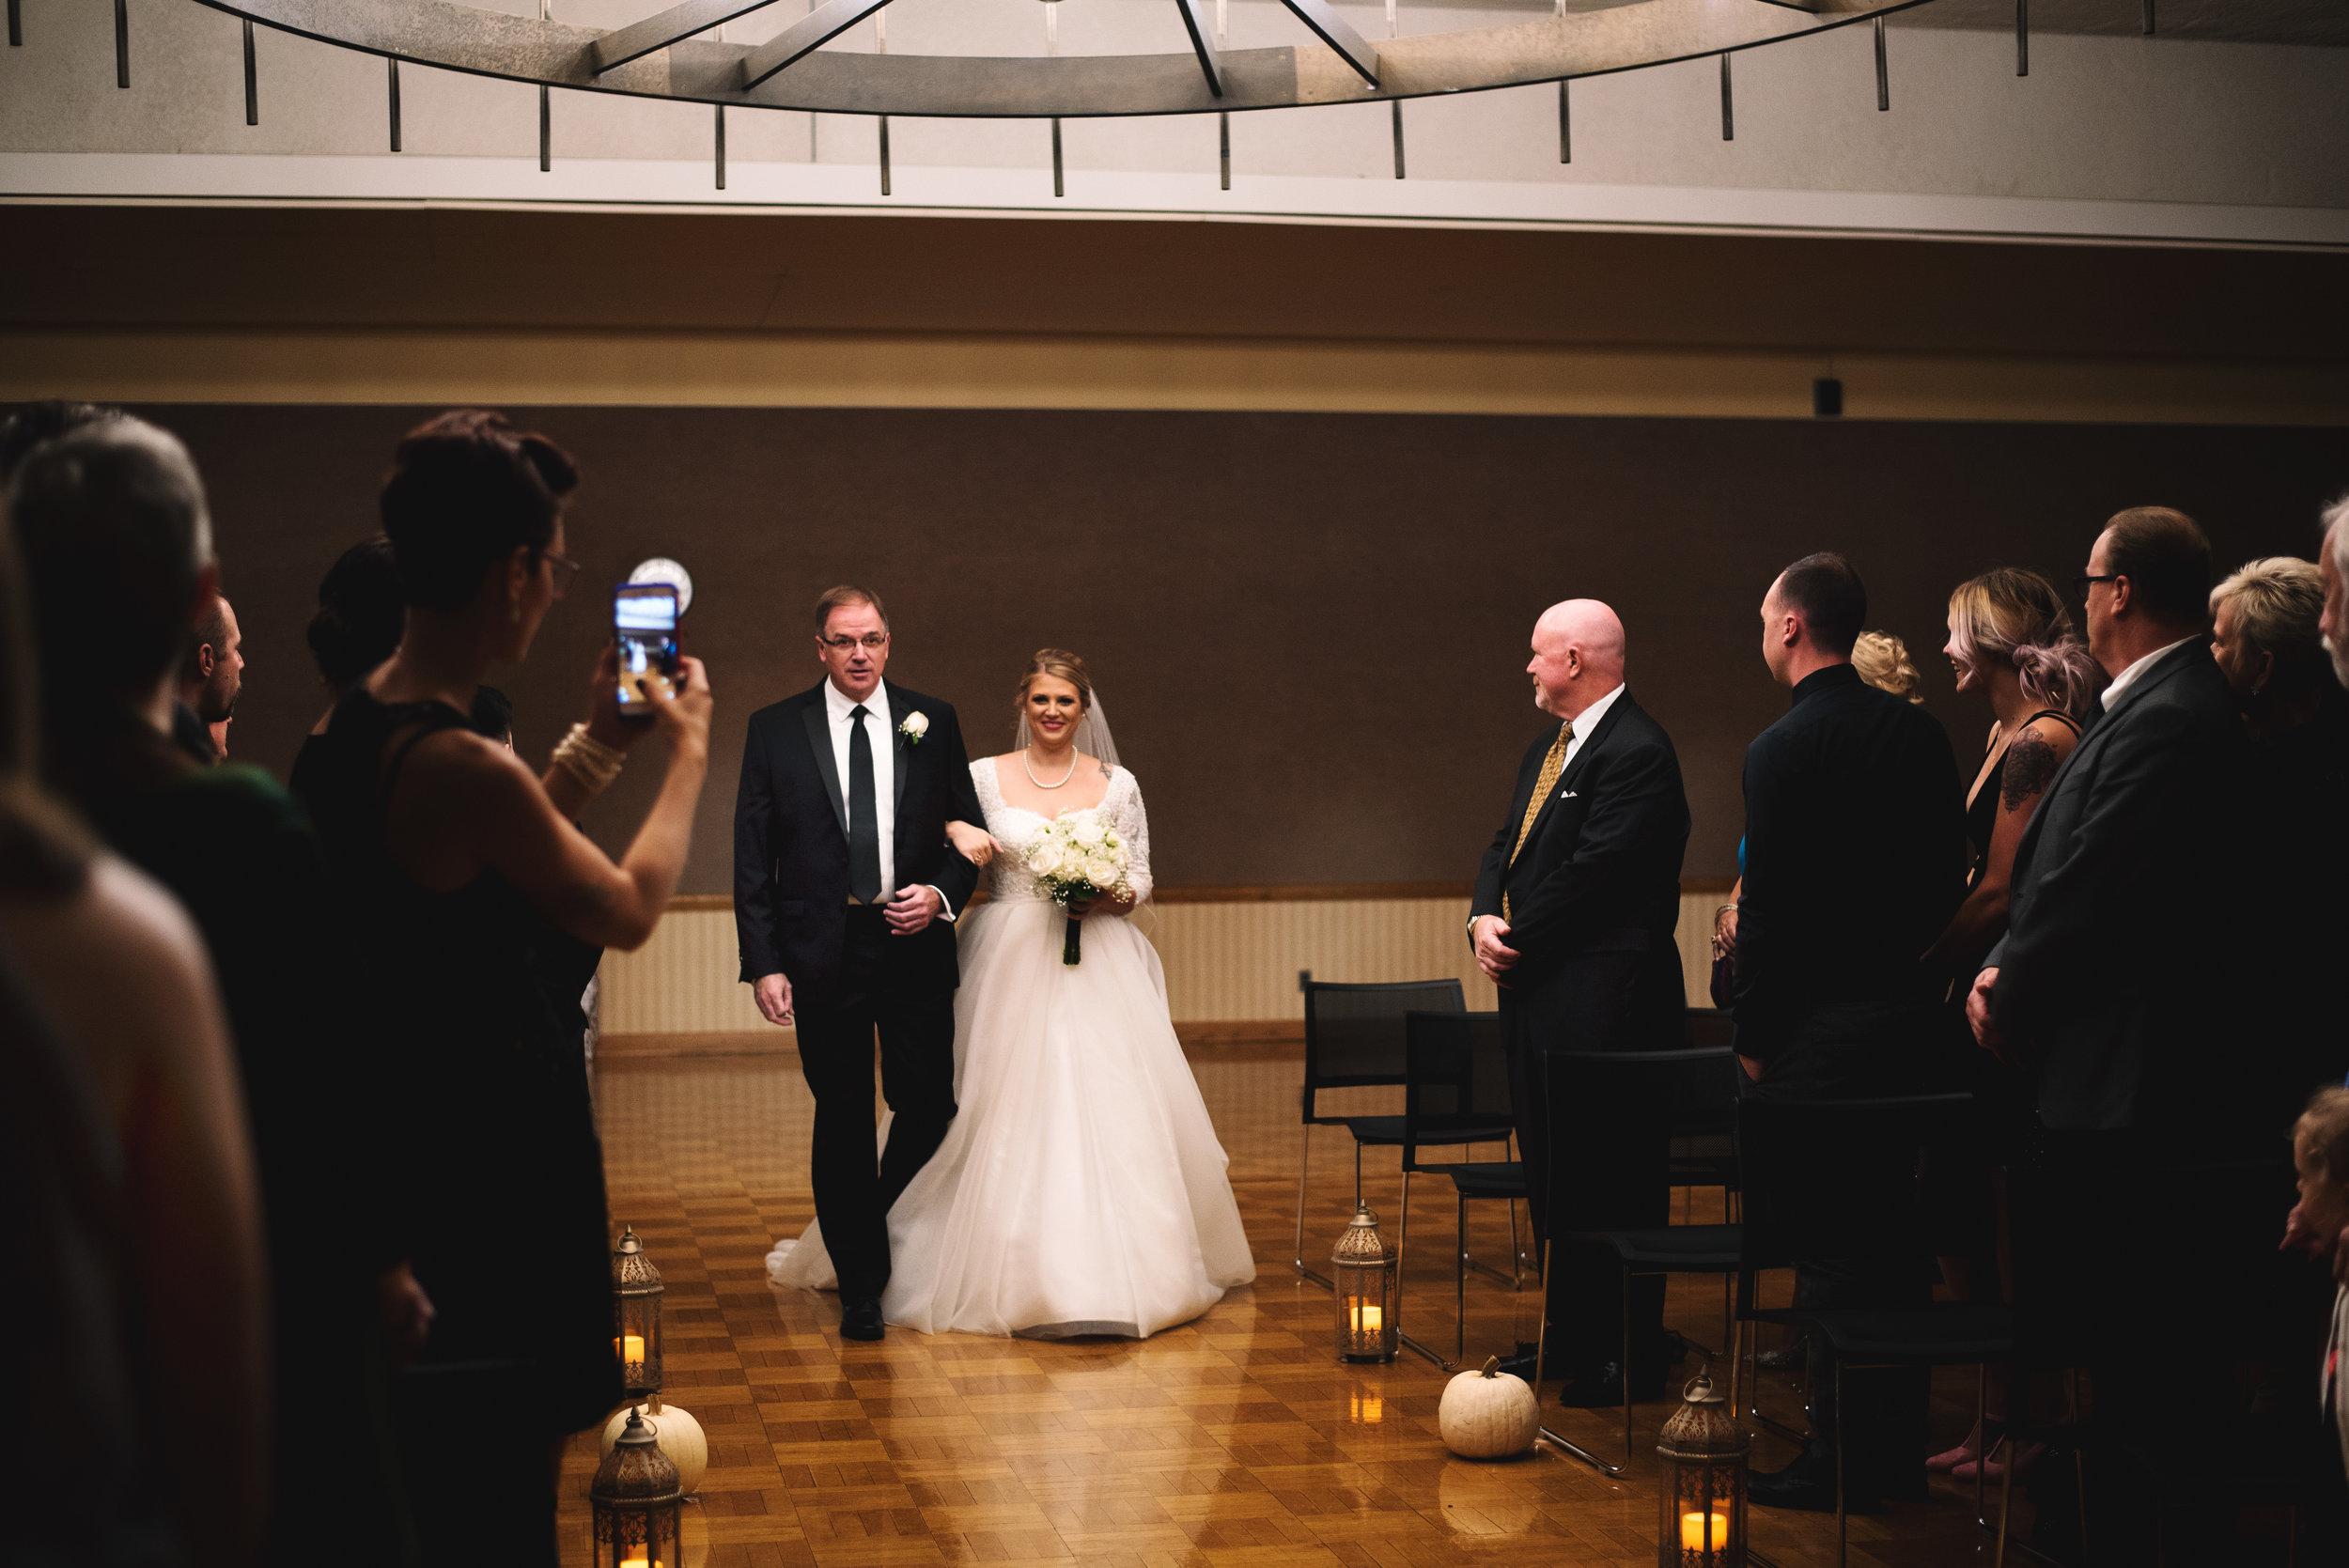 King-Northern-Illinois-University-Wedding062.jpg